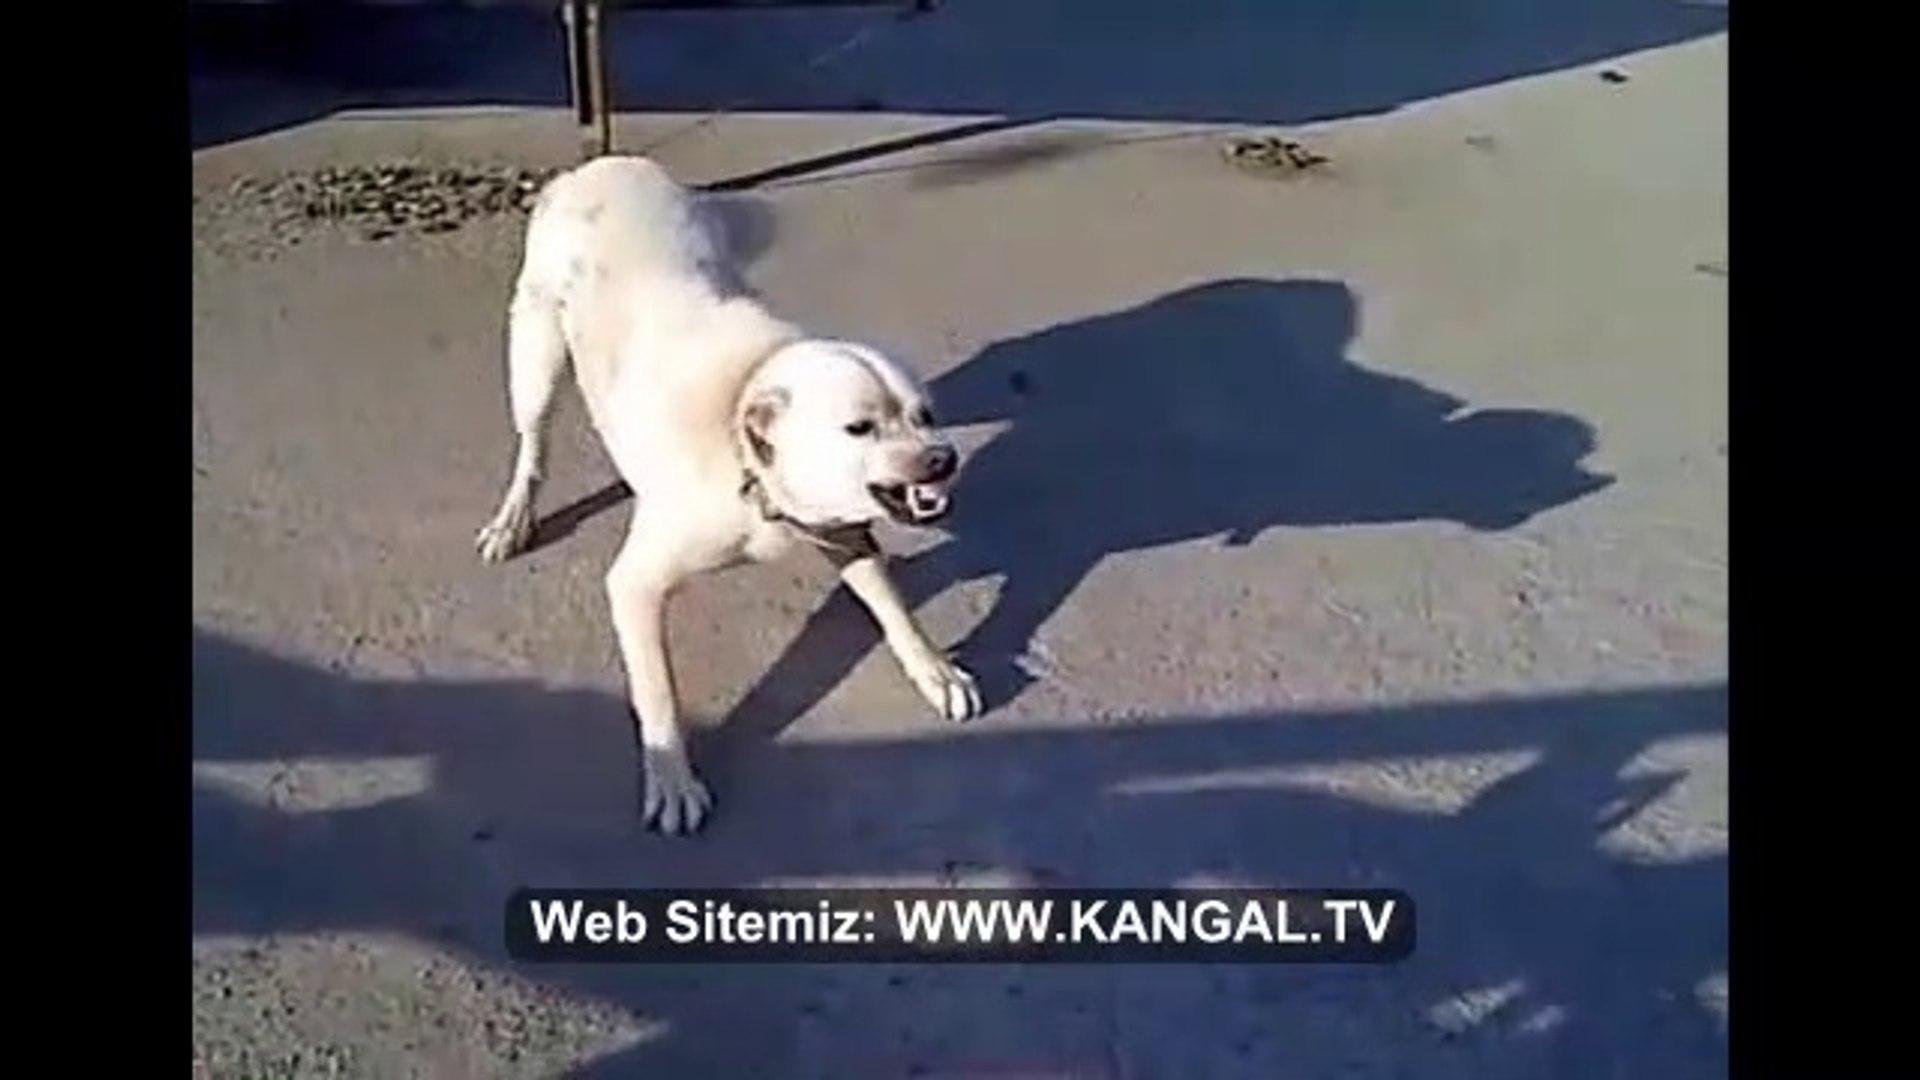 AKBAS KOPEGiNi SiNiRLENDiRMEK ve KIZDIRMAK - VERY ANGRY AKBASH SHEPHERD DOG